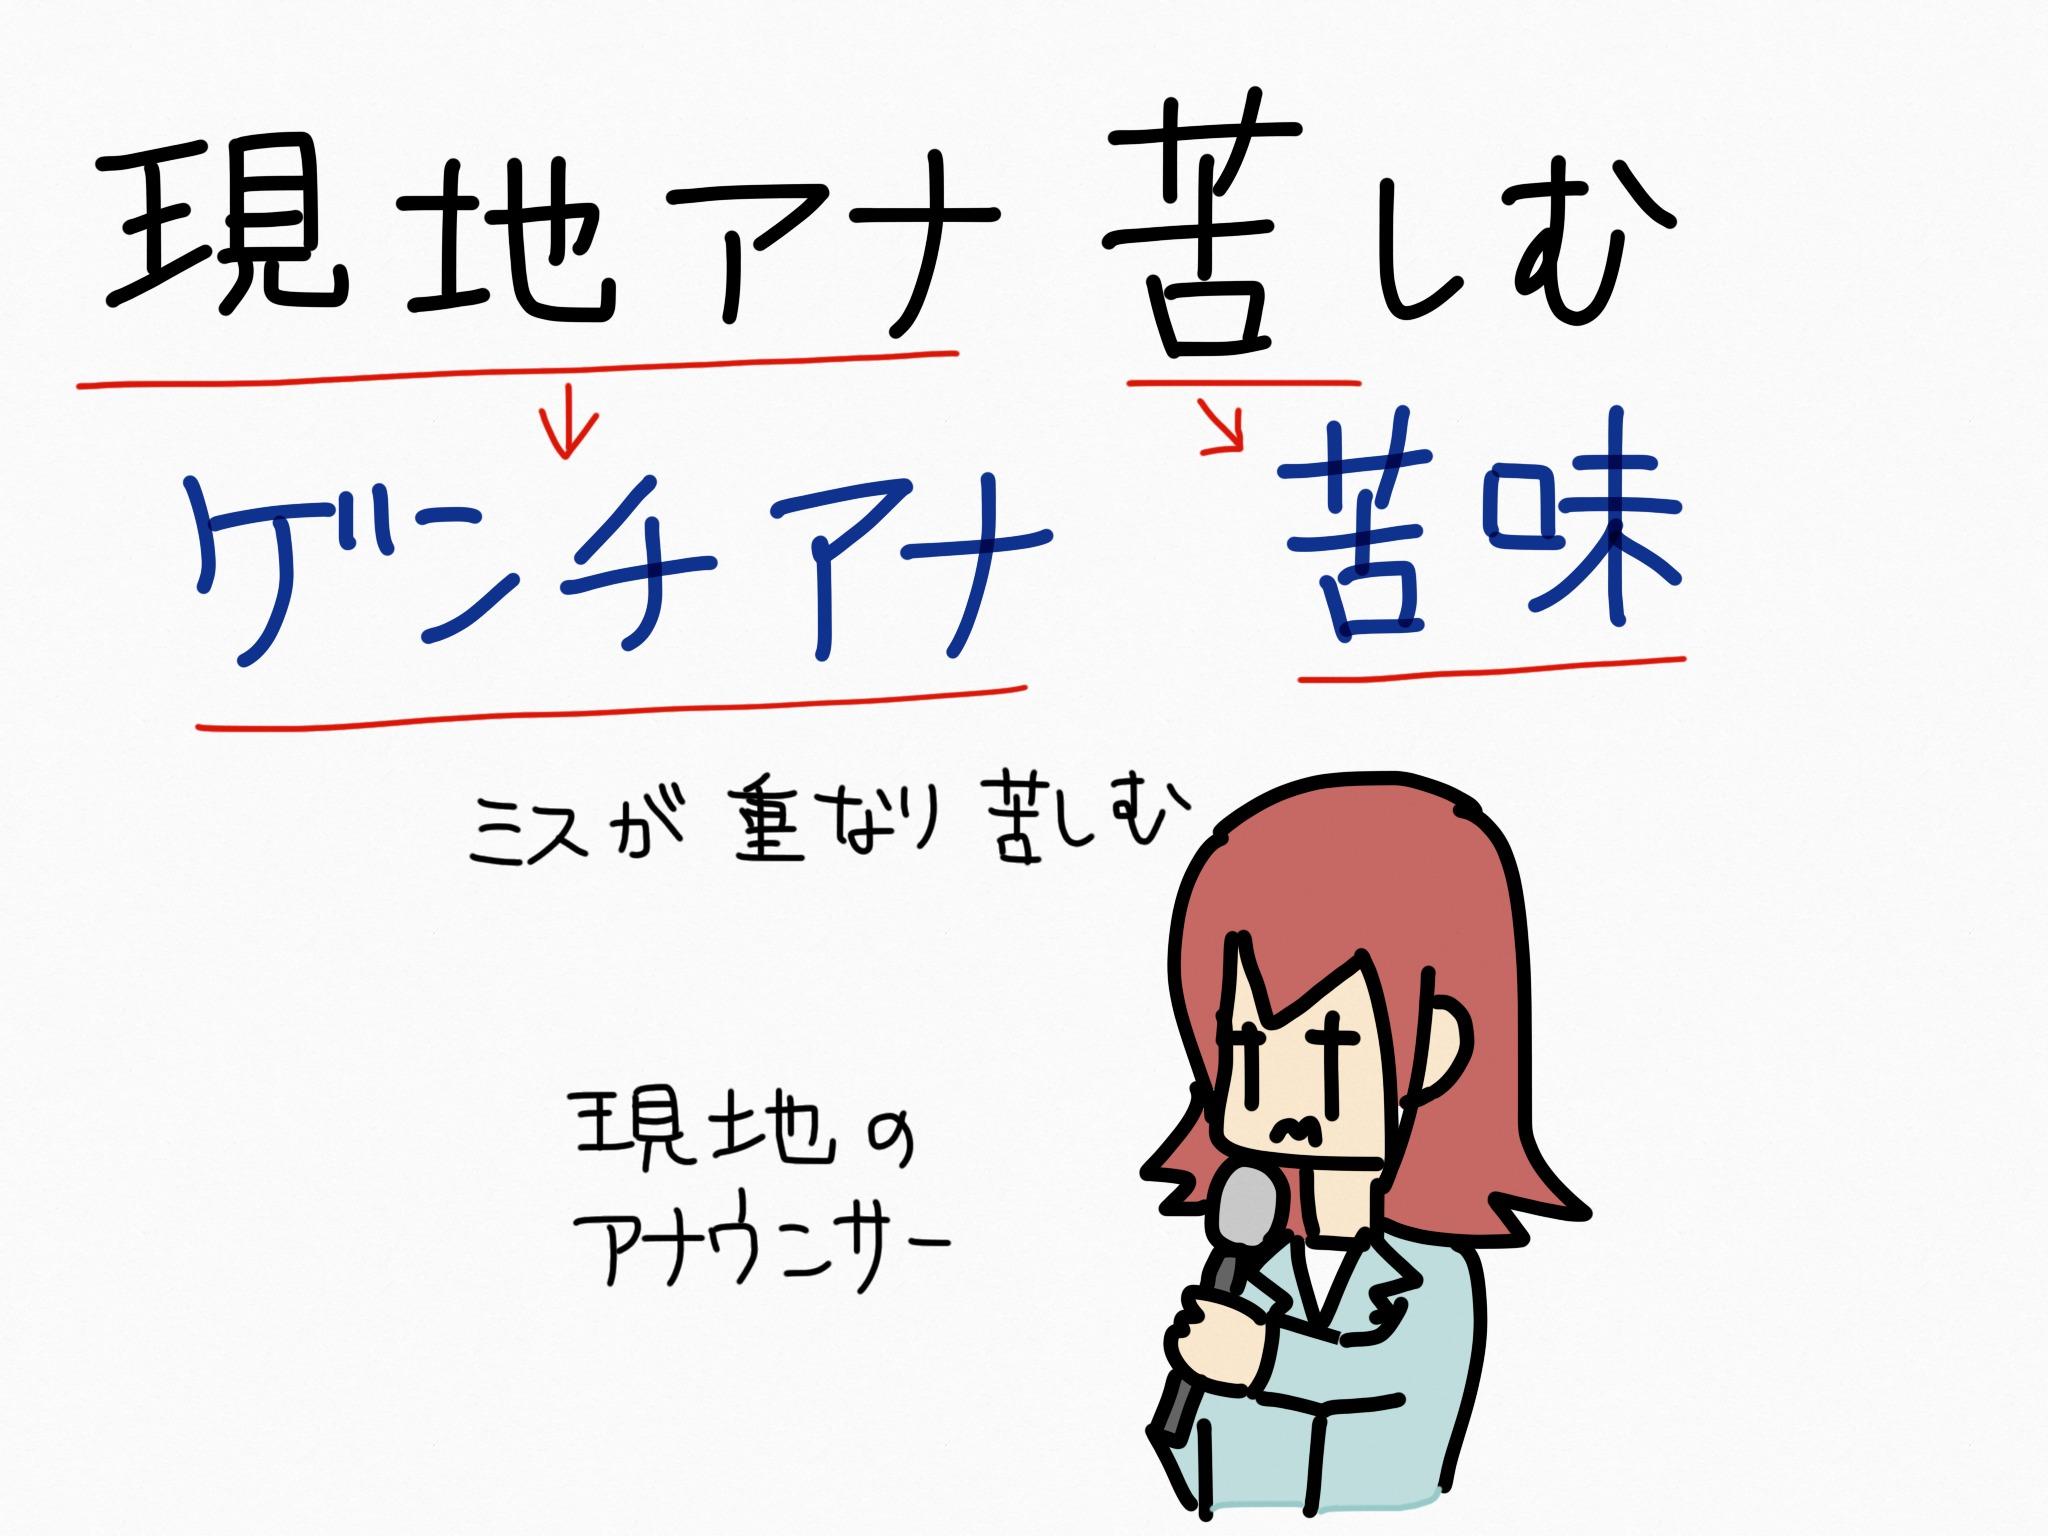 ゲンチアナ[胃腸薬]生薬の覚え方・暗記方法・語呂合わせ